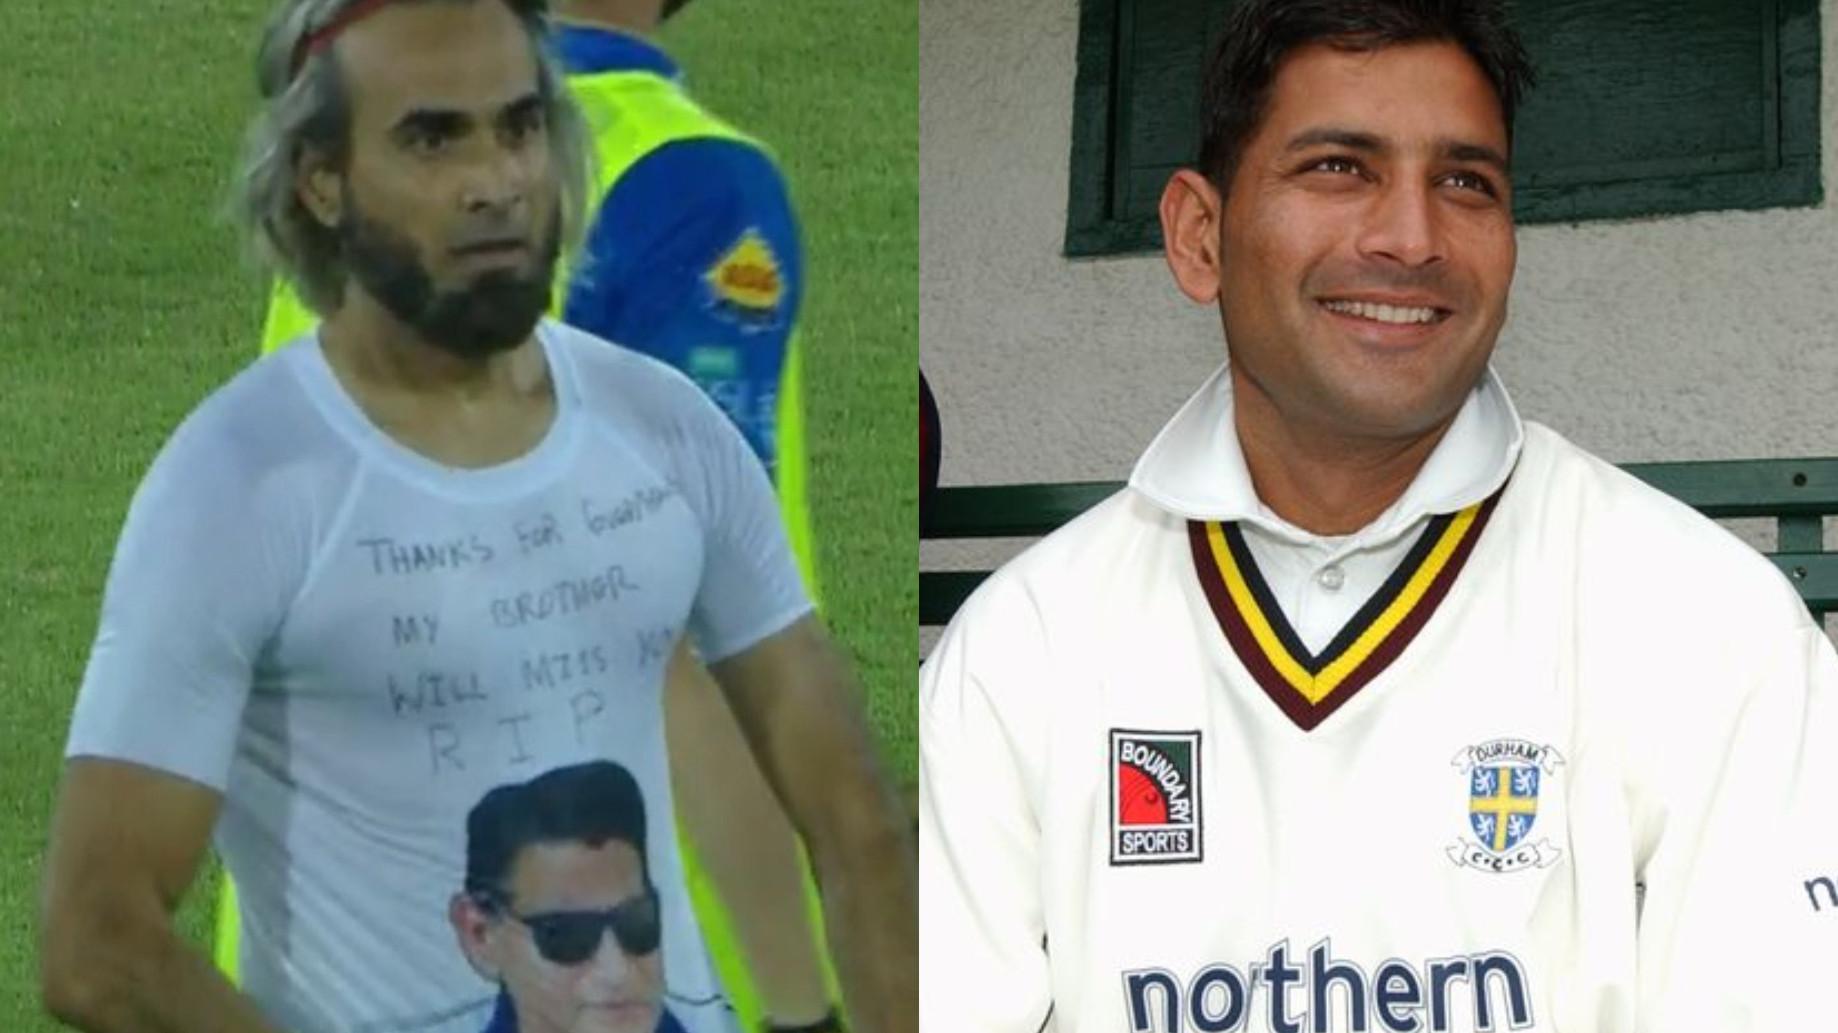 PSL 2021: WATCH- Imran Tahir pays touching tribute to late Pakistani cricketer Tahir Mughal